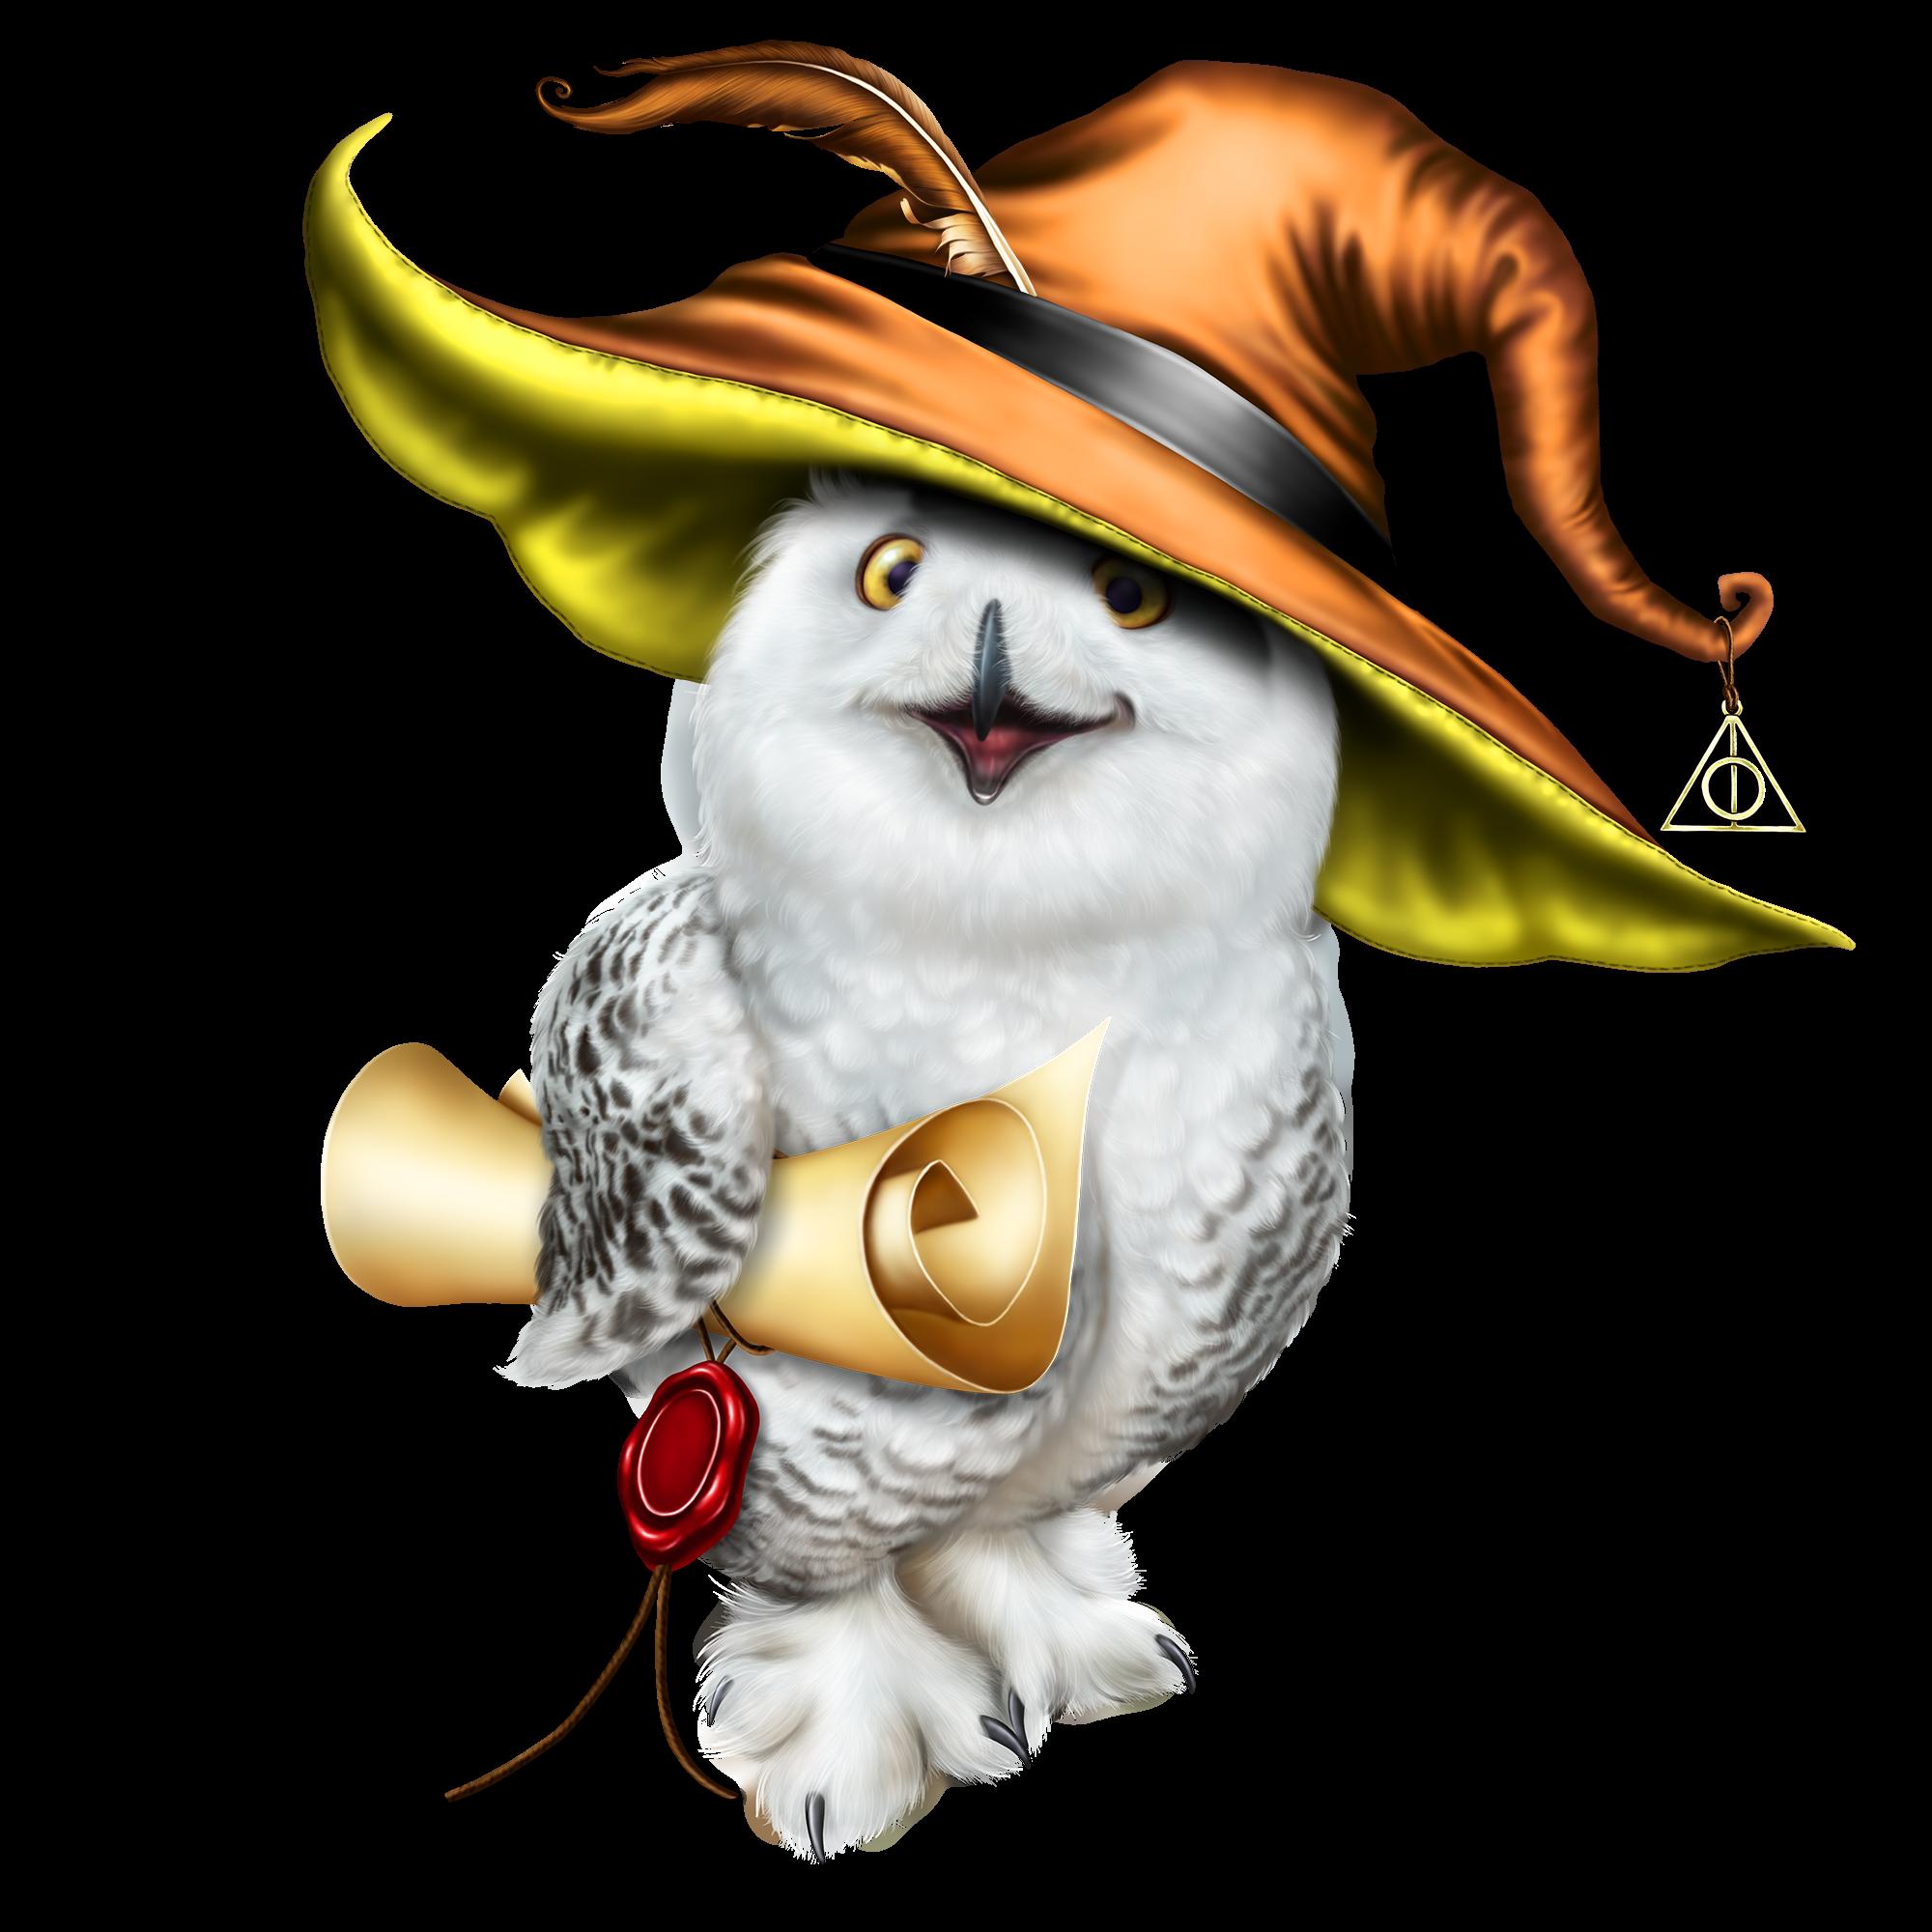 2000x2000 Margie's Animal Drawings, Owl Art